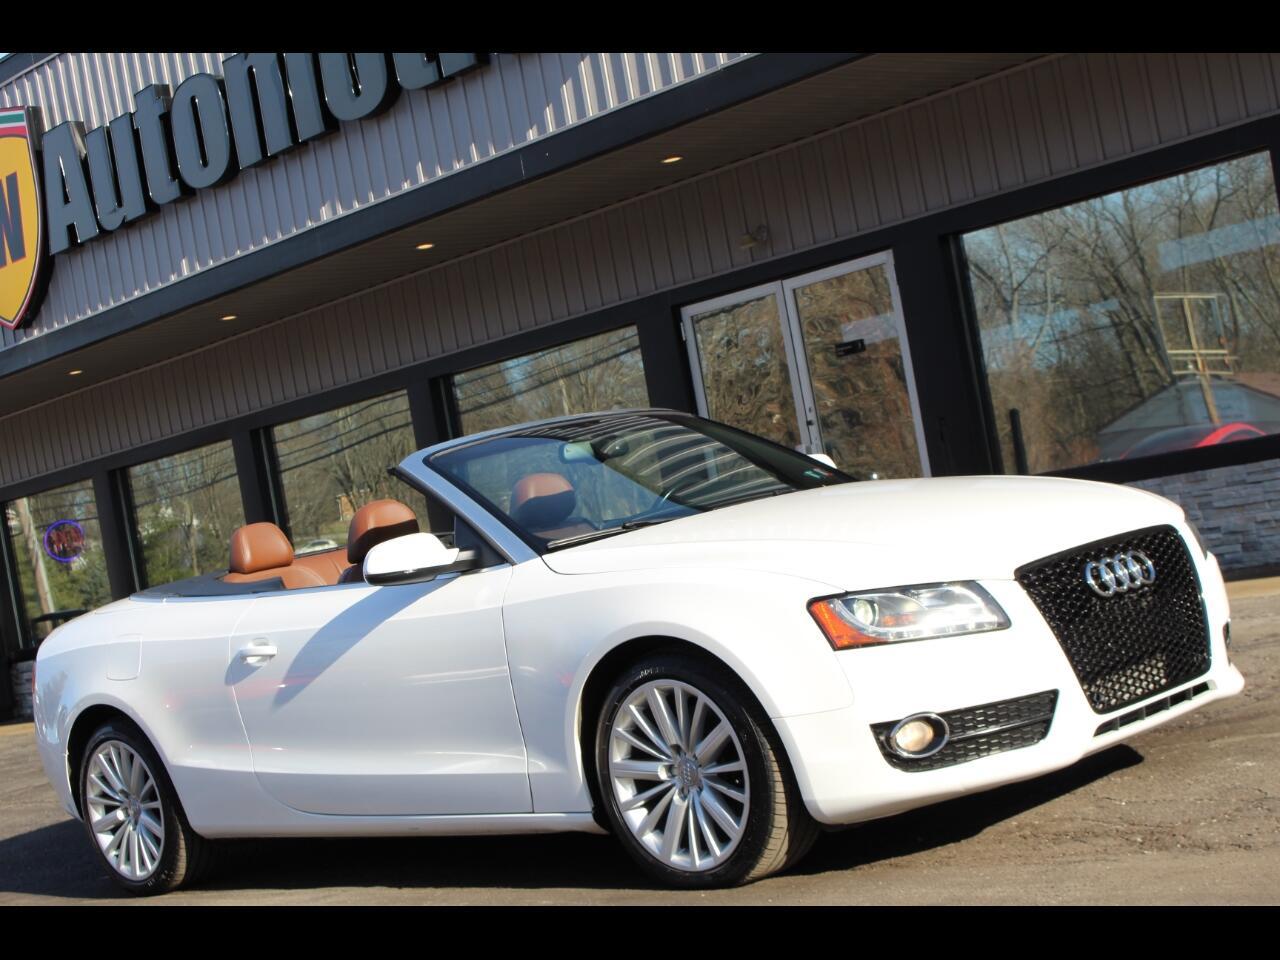 Audi A5 2dr Cabriolet Auto quattro Prestige 2010